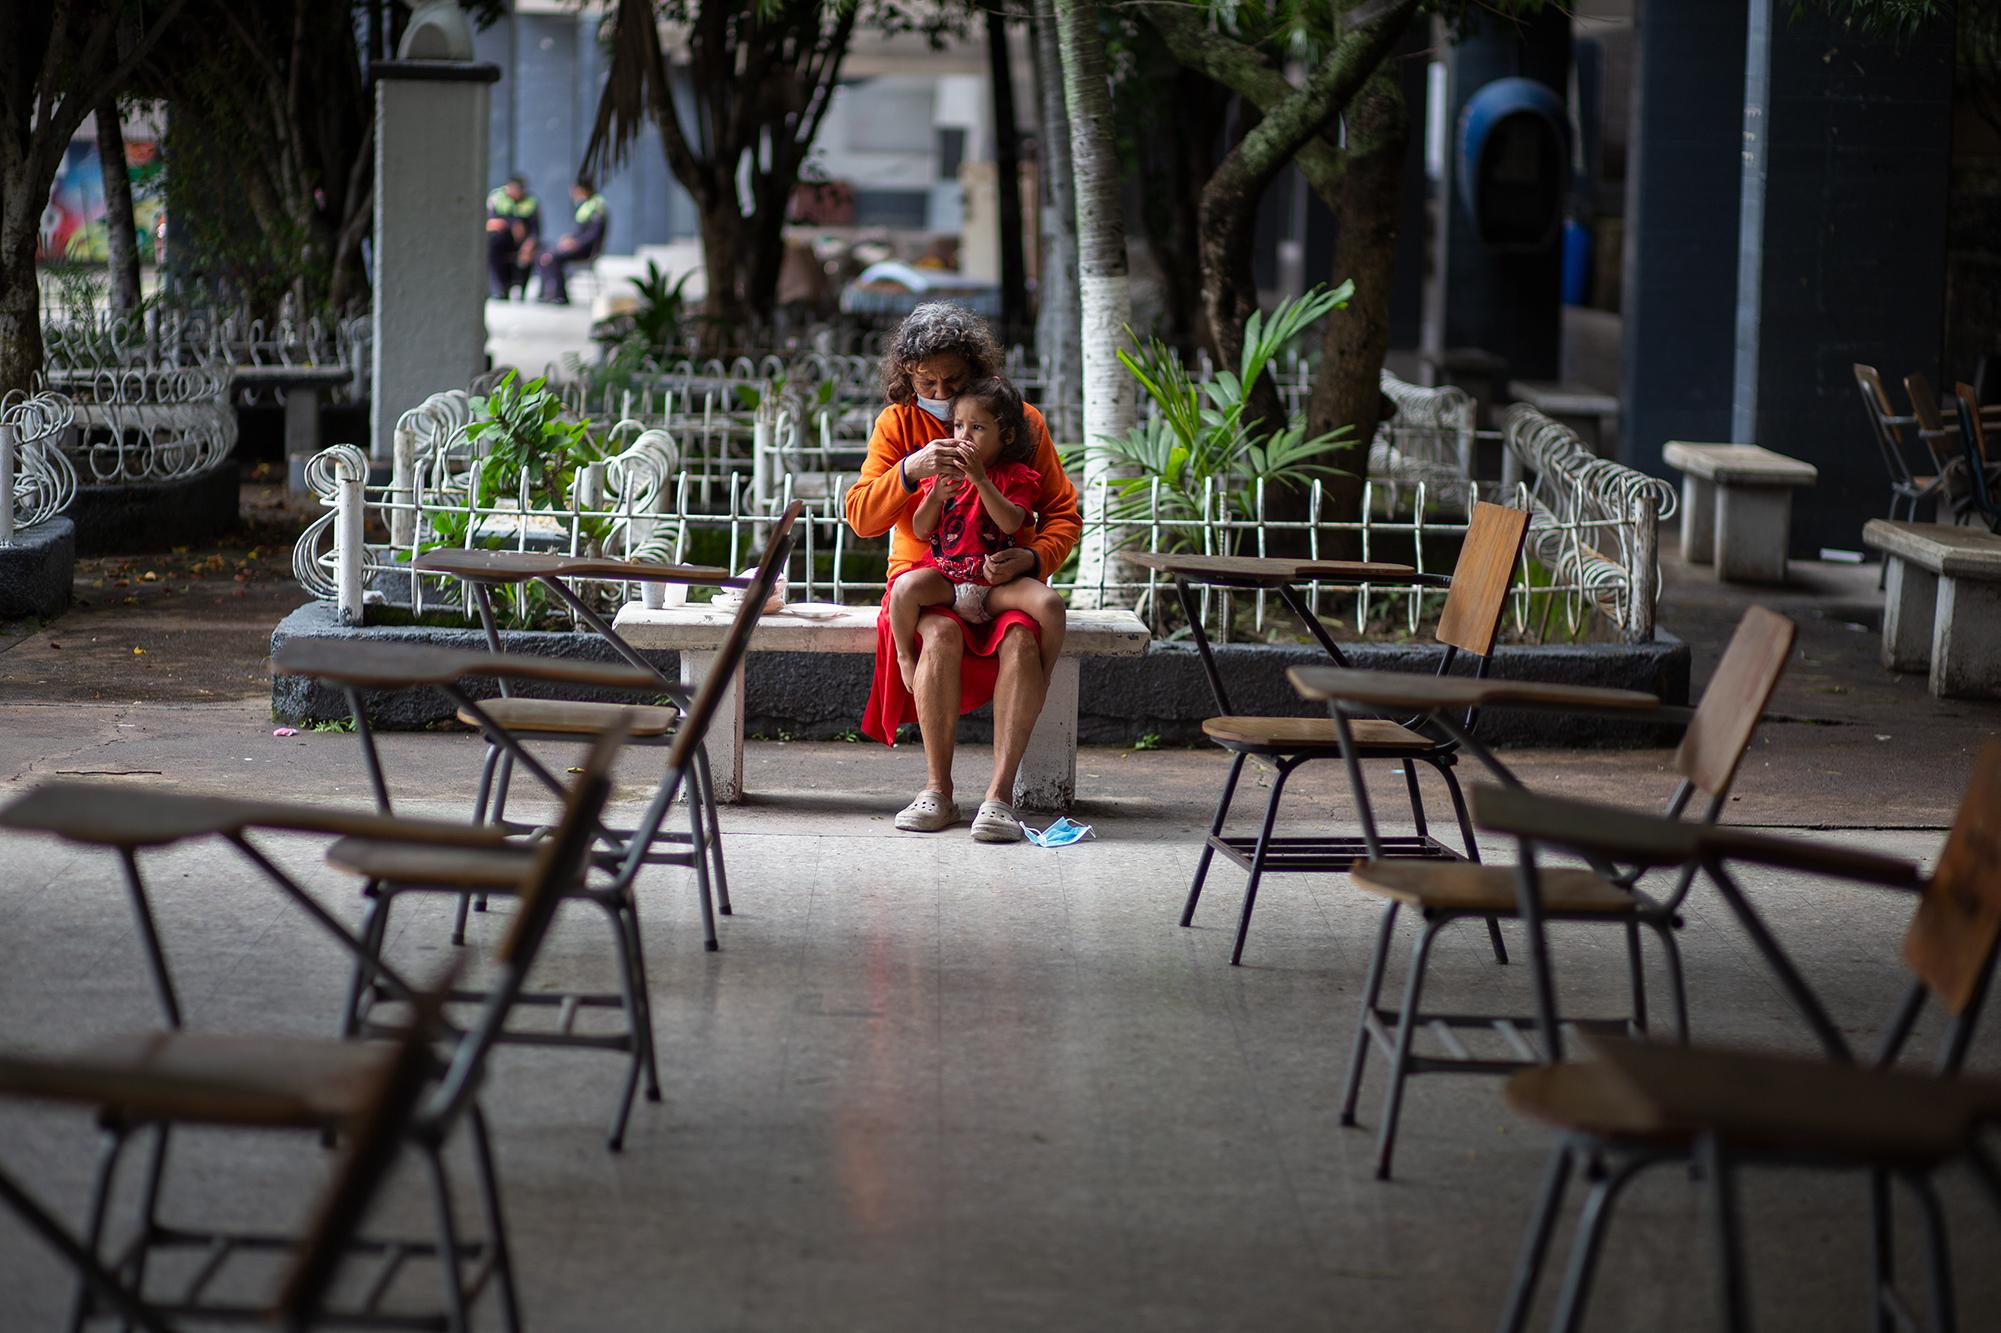 Rosely de 3 años es alimentada por su abuela Soledad de 60 años, ellas y su familia son del Barrio La Bolsa, uno de los barrios que cada año resulta afectado por el aumento del caudal en el Río Choluteca en la temporada de lluvias. Comayagüela, 5 de noviembre de 2020. Foto: Martín Cálix.